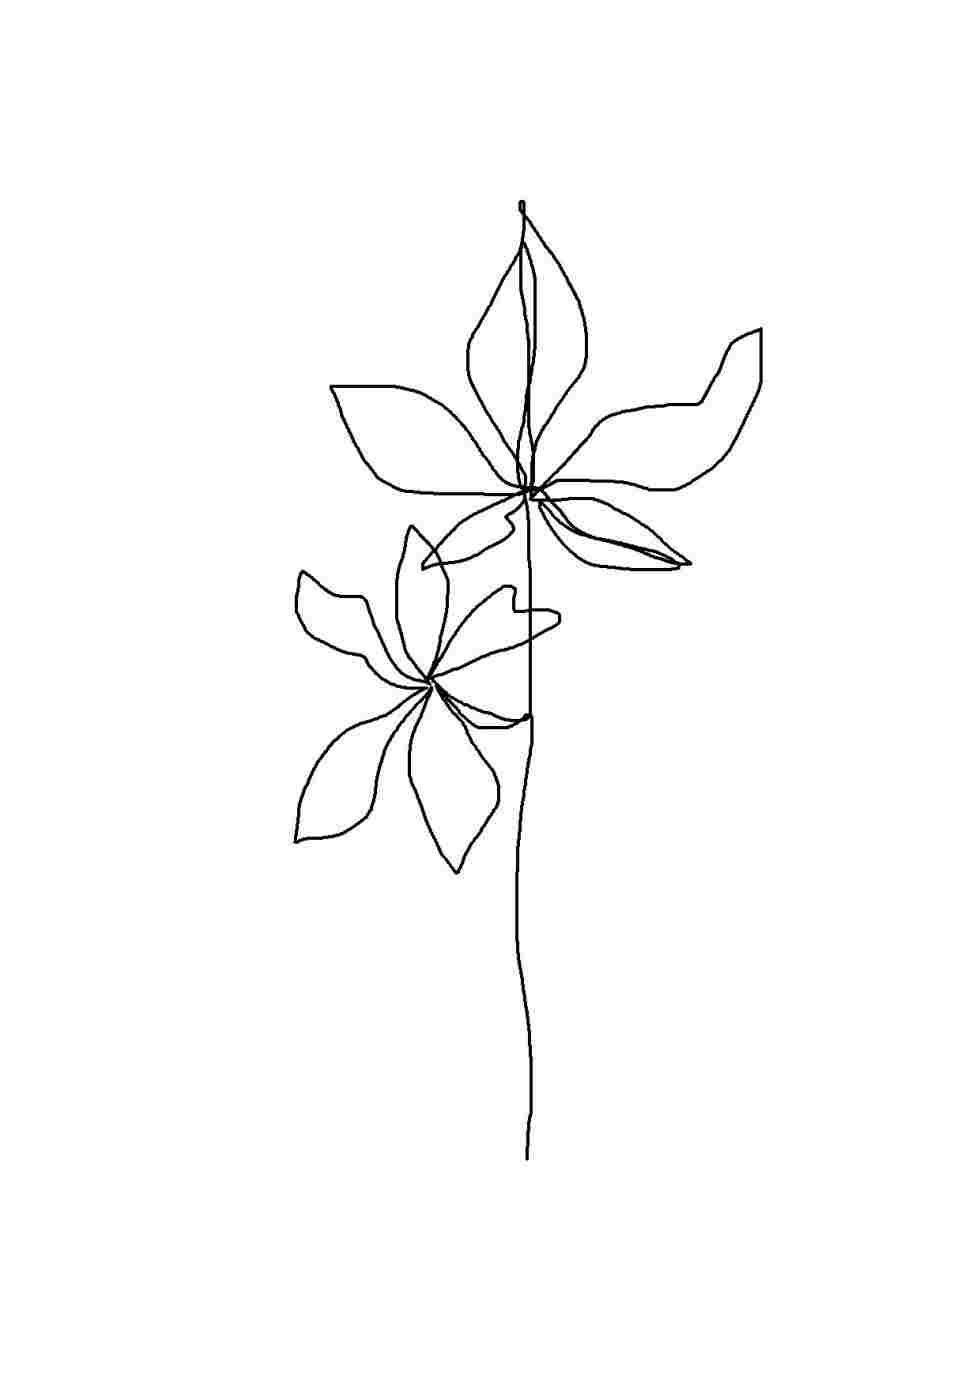 980x1381 đức tin Hoa Thẩm mỹ Tối giản Vẽ hình nền android